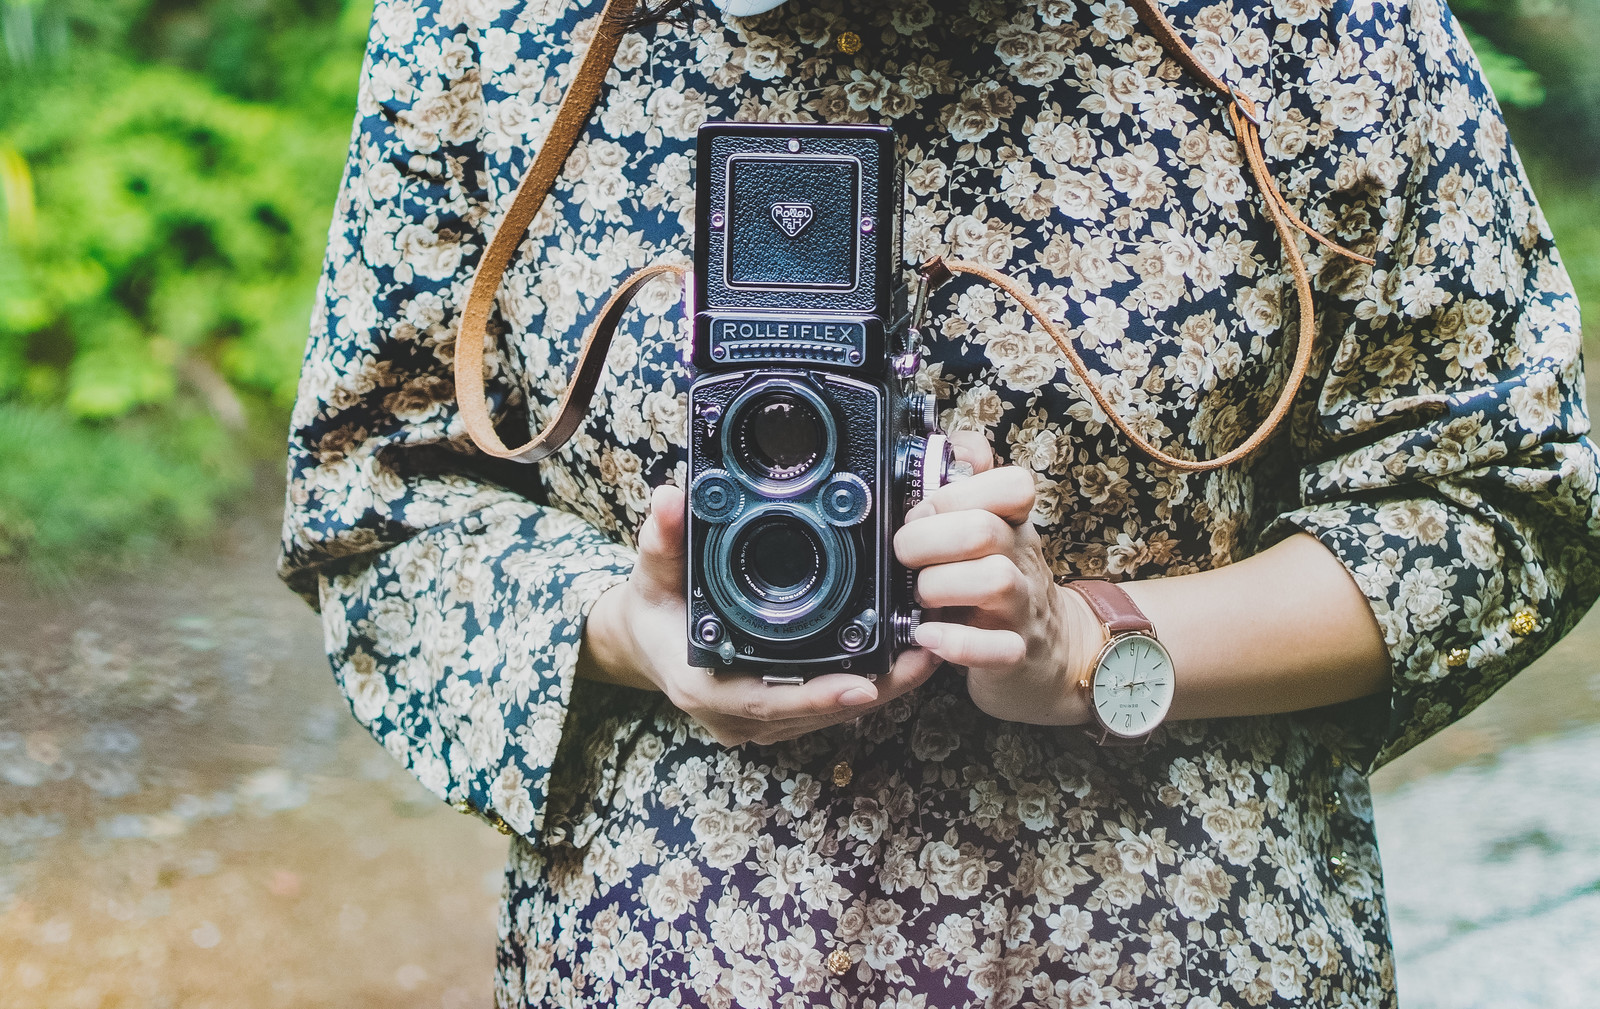 「レトロなフィルムカメラを持った女性レトロなフィルムカメラを持った女性」のフリー写真素材を拡大